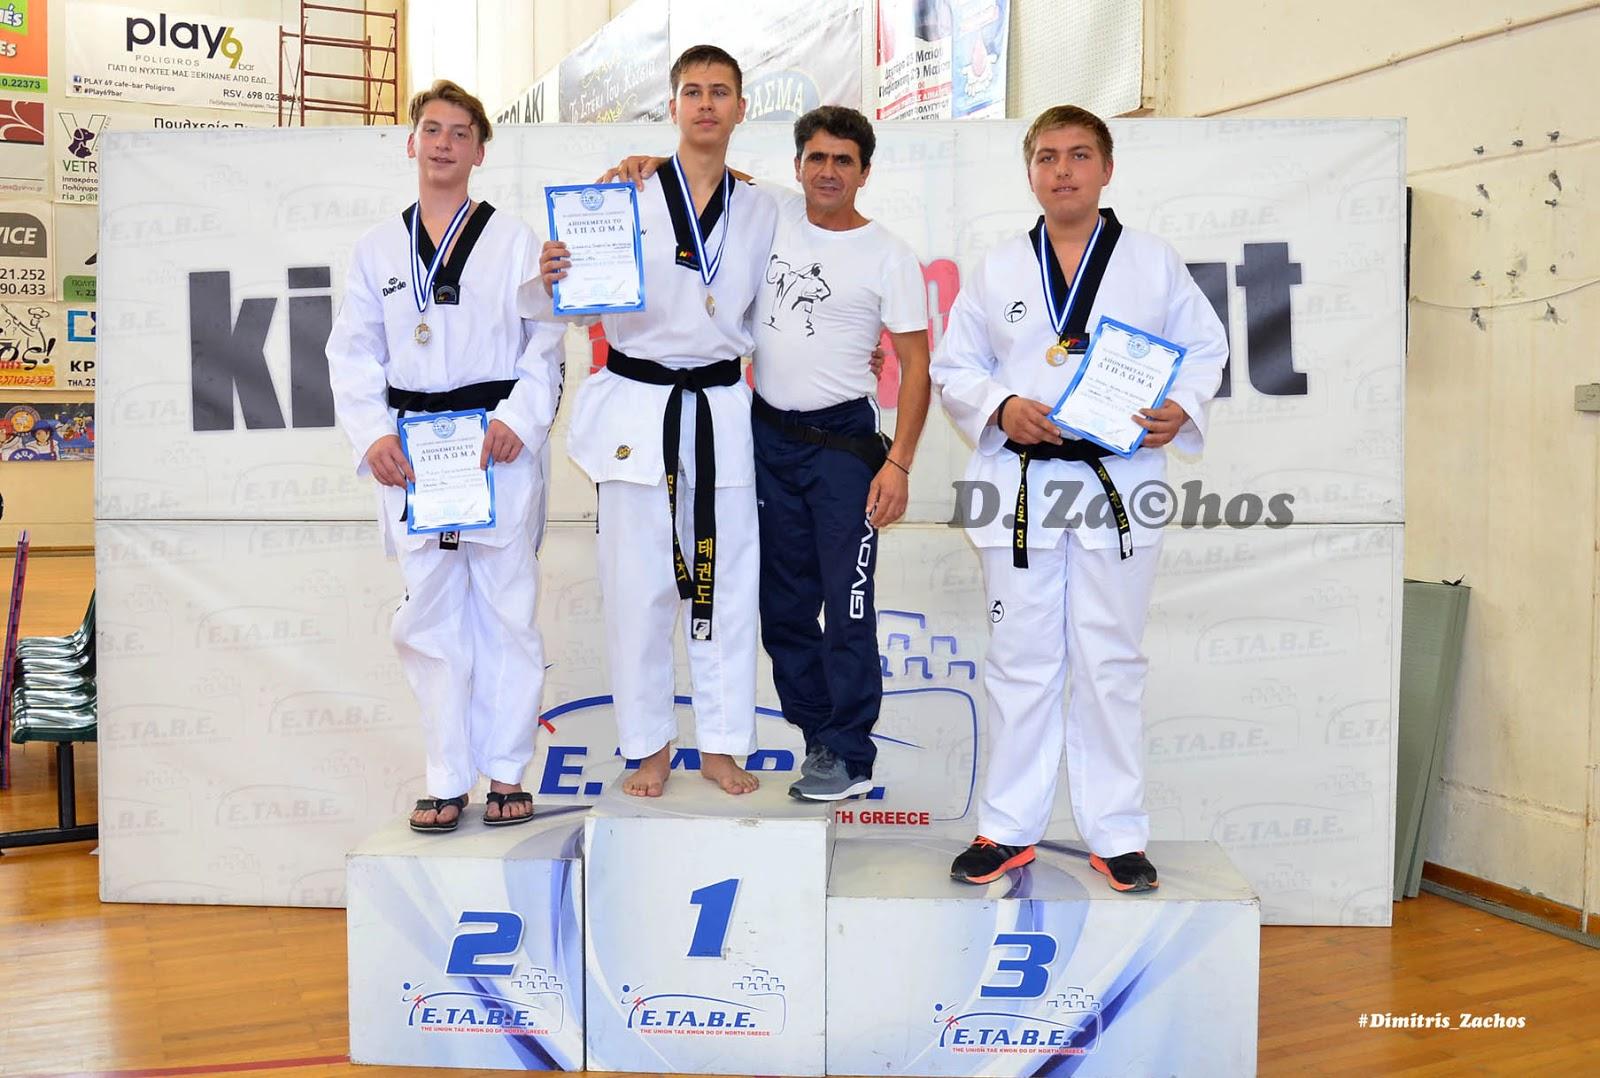 Συμμετοχή αθλητών του Α.Σ. TKD «Αριστοτέλης» στο Πανελλήνιο Σχολικό Πρωτάθλημα TKD 2018 στην Αθήνα.